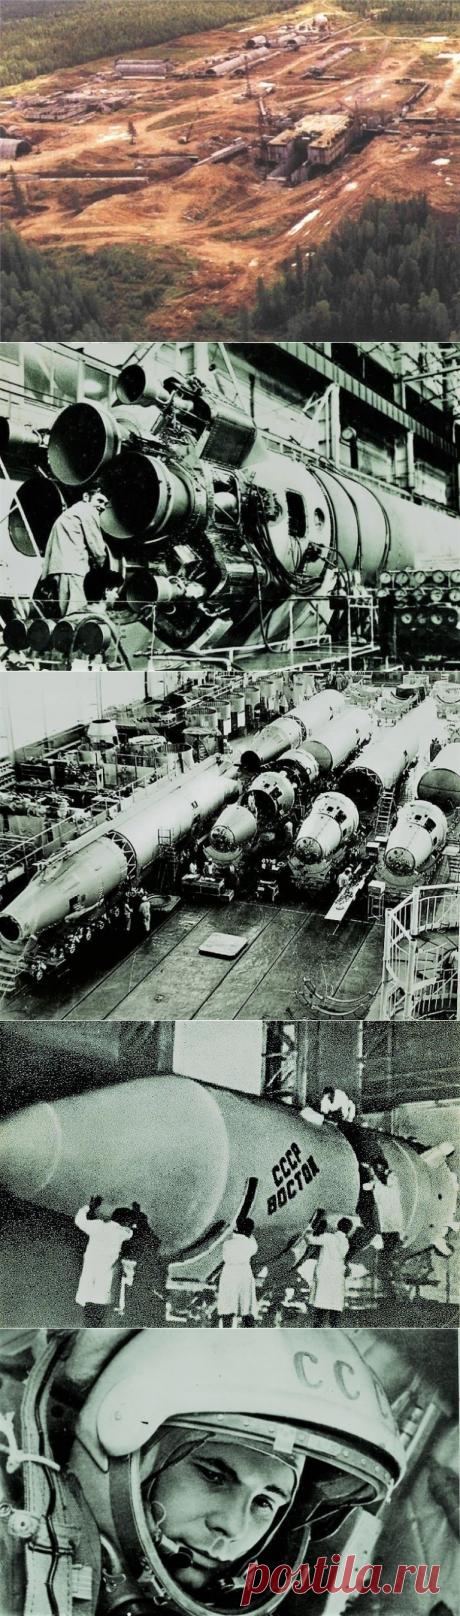 Как детище конструктора Королёва стало той самой легендарной Р-7 / Назад в СССР / Back in USSR